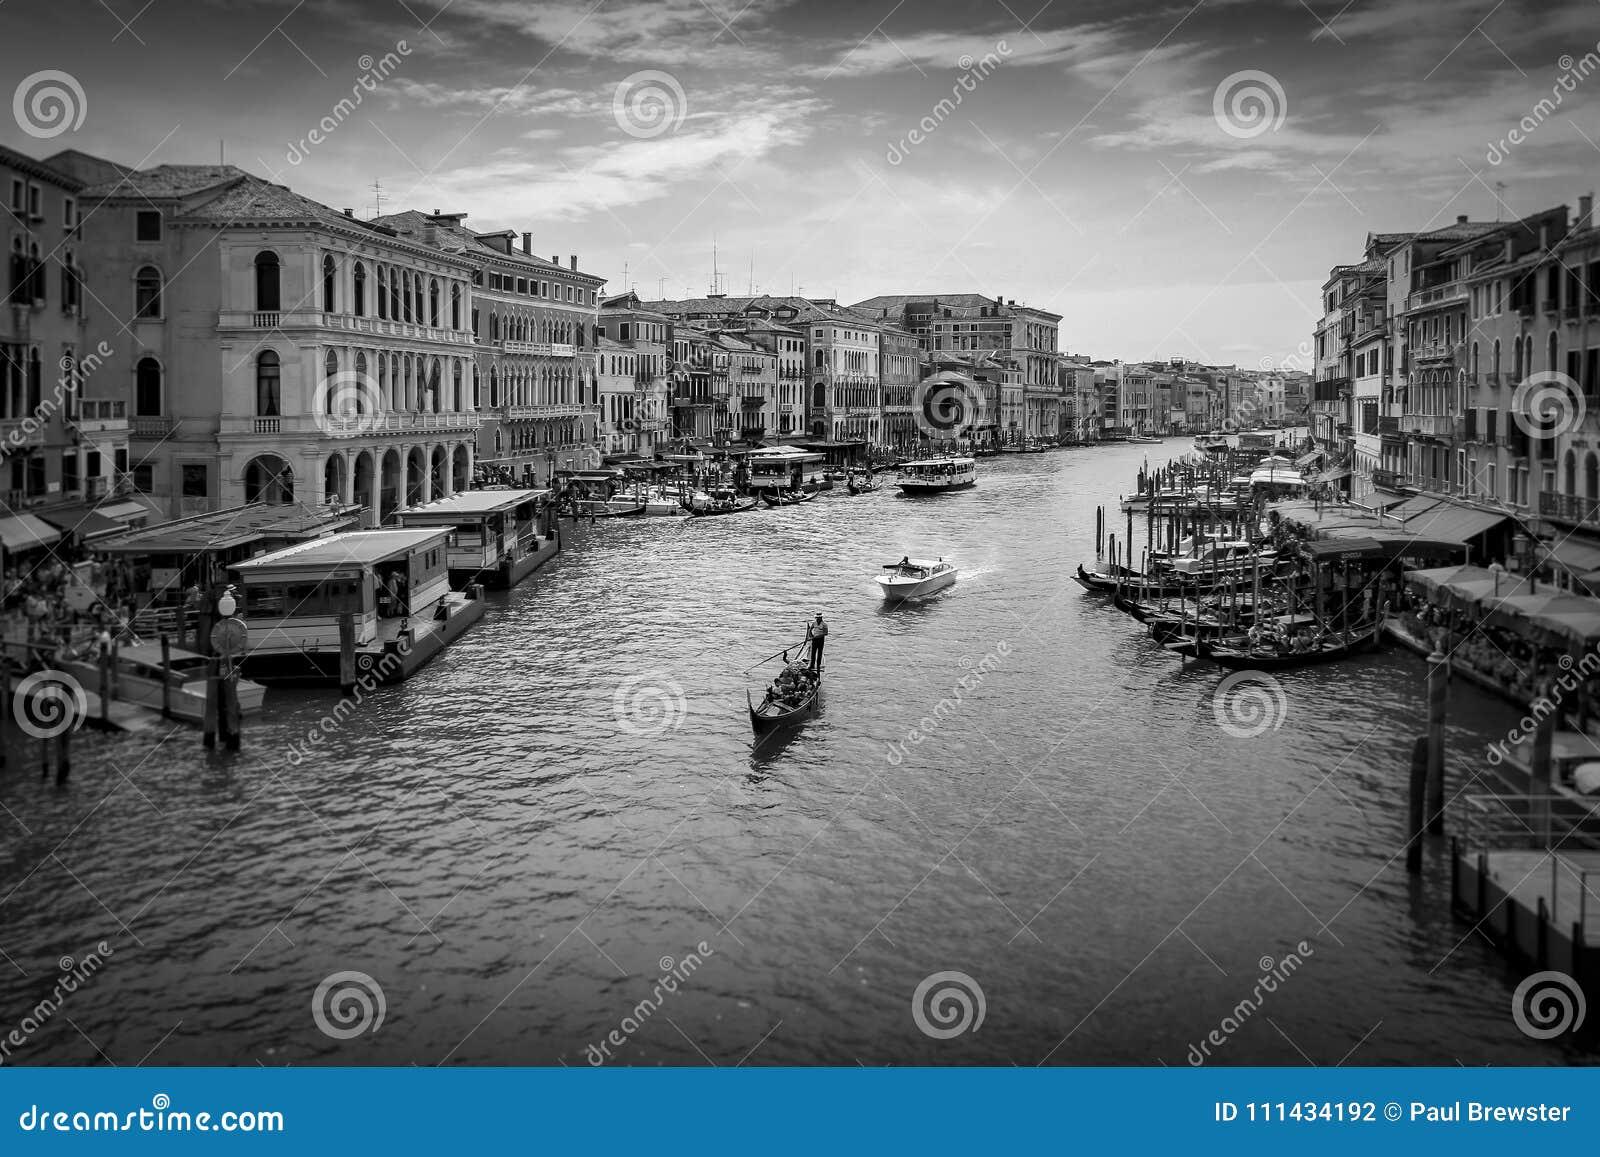 Venedig-Kanal und Gondel und Boote von der Rialto-Brücke in Schwarzweiss